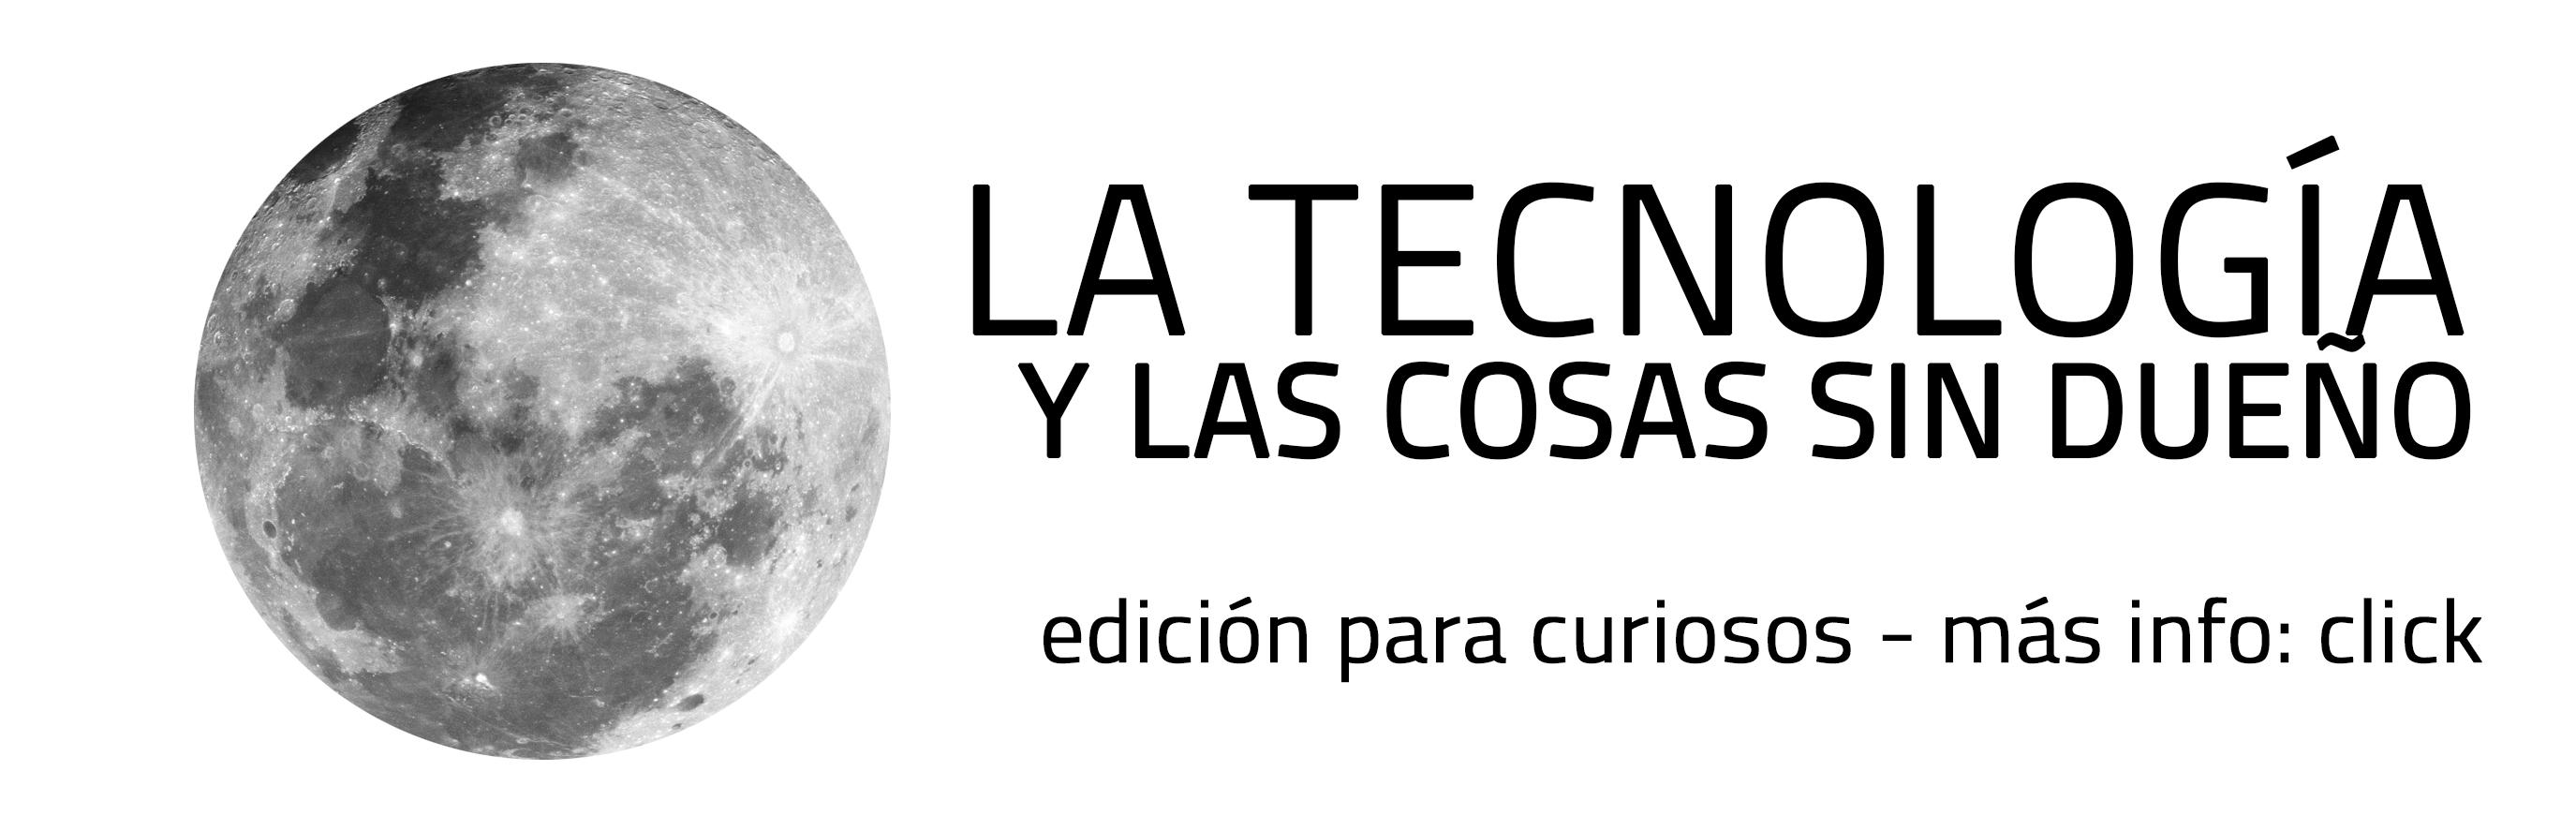 La tecnología y las cosas sin dueño por Martín Parselis